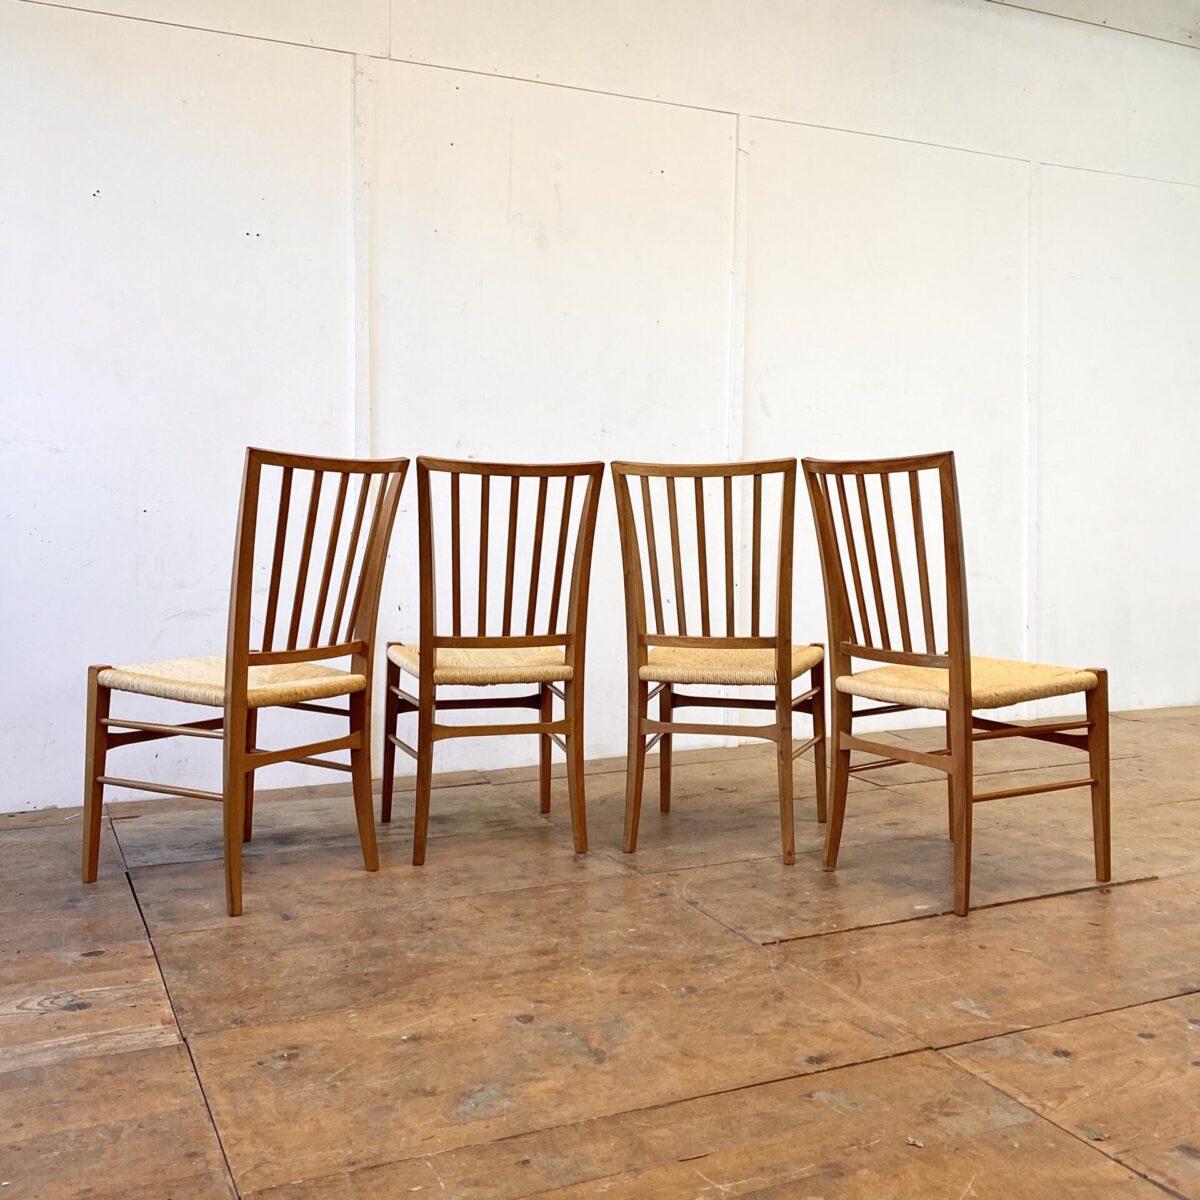 Deuxieme.shop midcentury Stühle Peter hvidt Olga Molgard. 4er Set Nussbaum Stühle mit Bastsitzfläche. Preis fürs Set. Gepflegte qualitative Esszimmer Stühle, ähnlich den Tessinerstühlen produziert, etwas weniger rustikal und mit Sprossen beim Rücken.